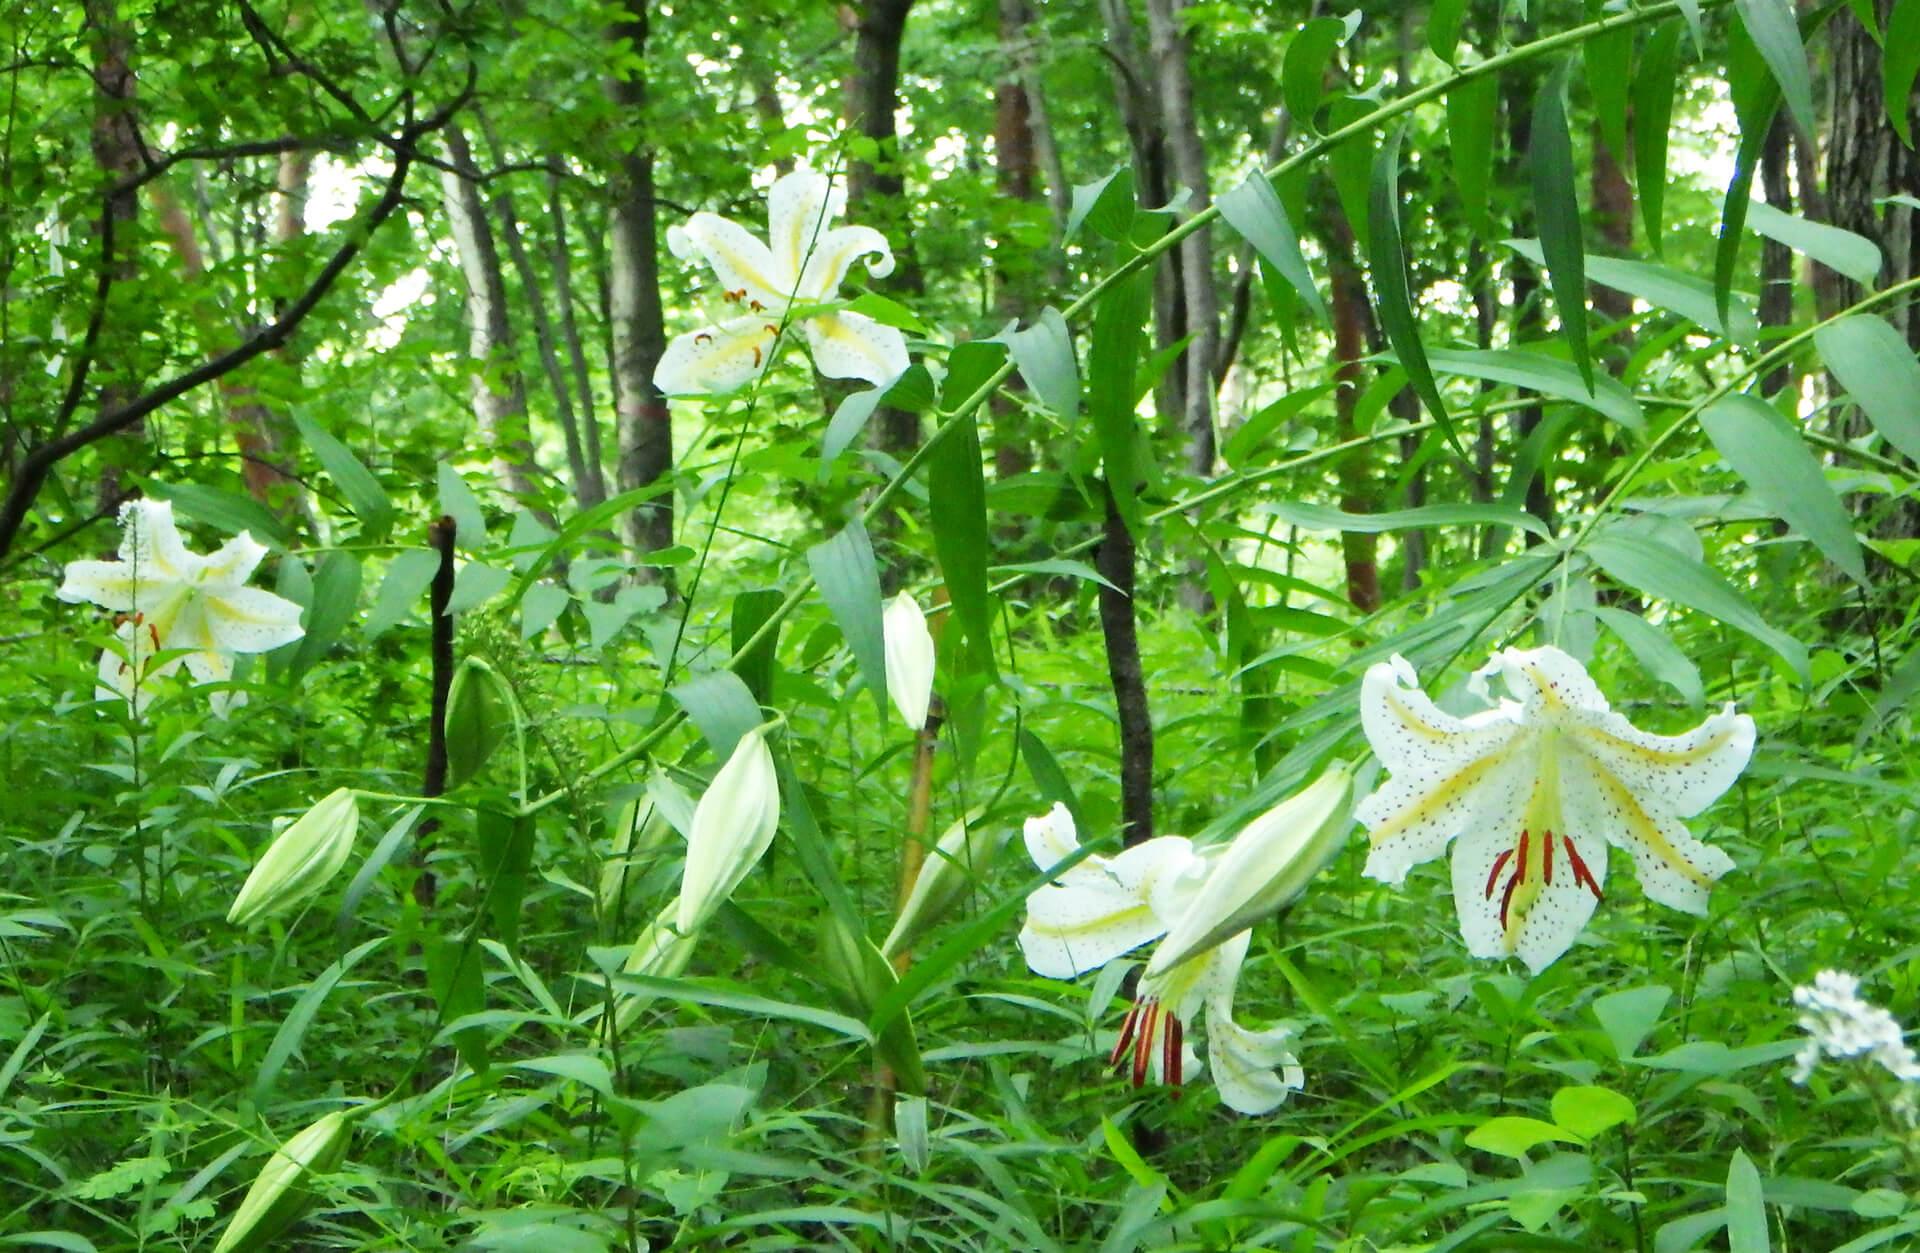 この写真は国営武蔵丘陵森林公園のヤマユリが咲き乱れる様子